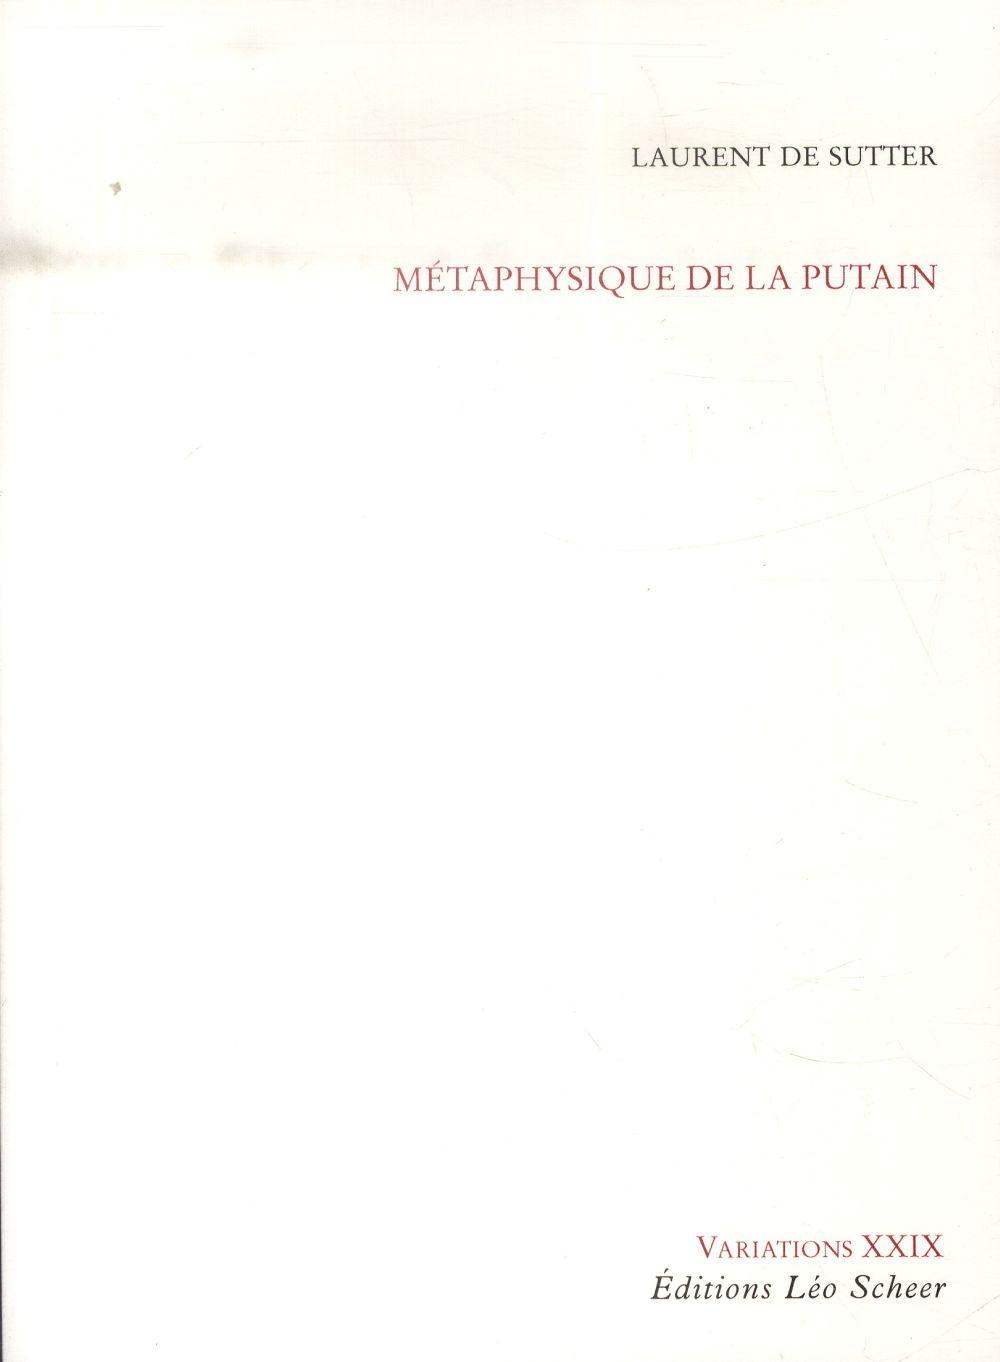 METAPHYSIQUE DE LA PUTAIN